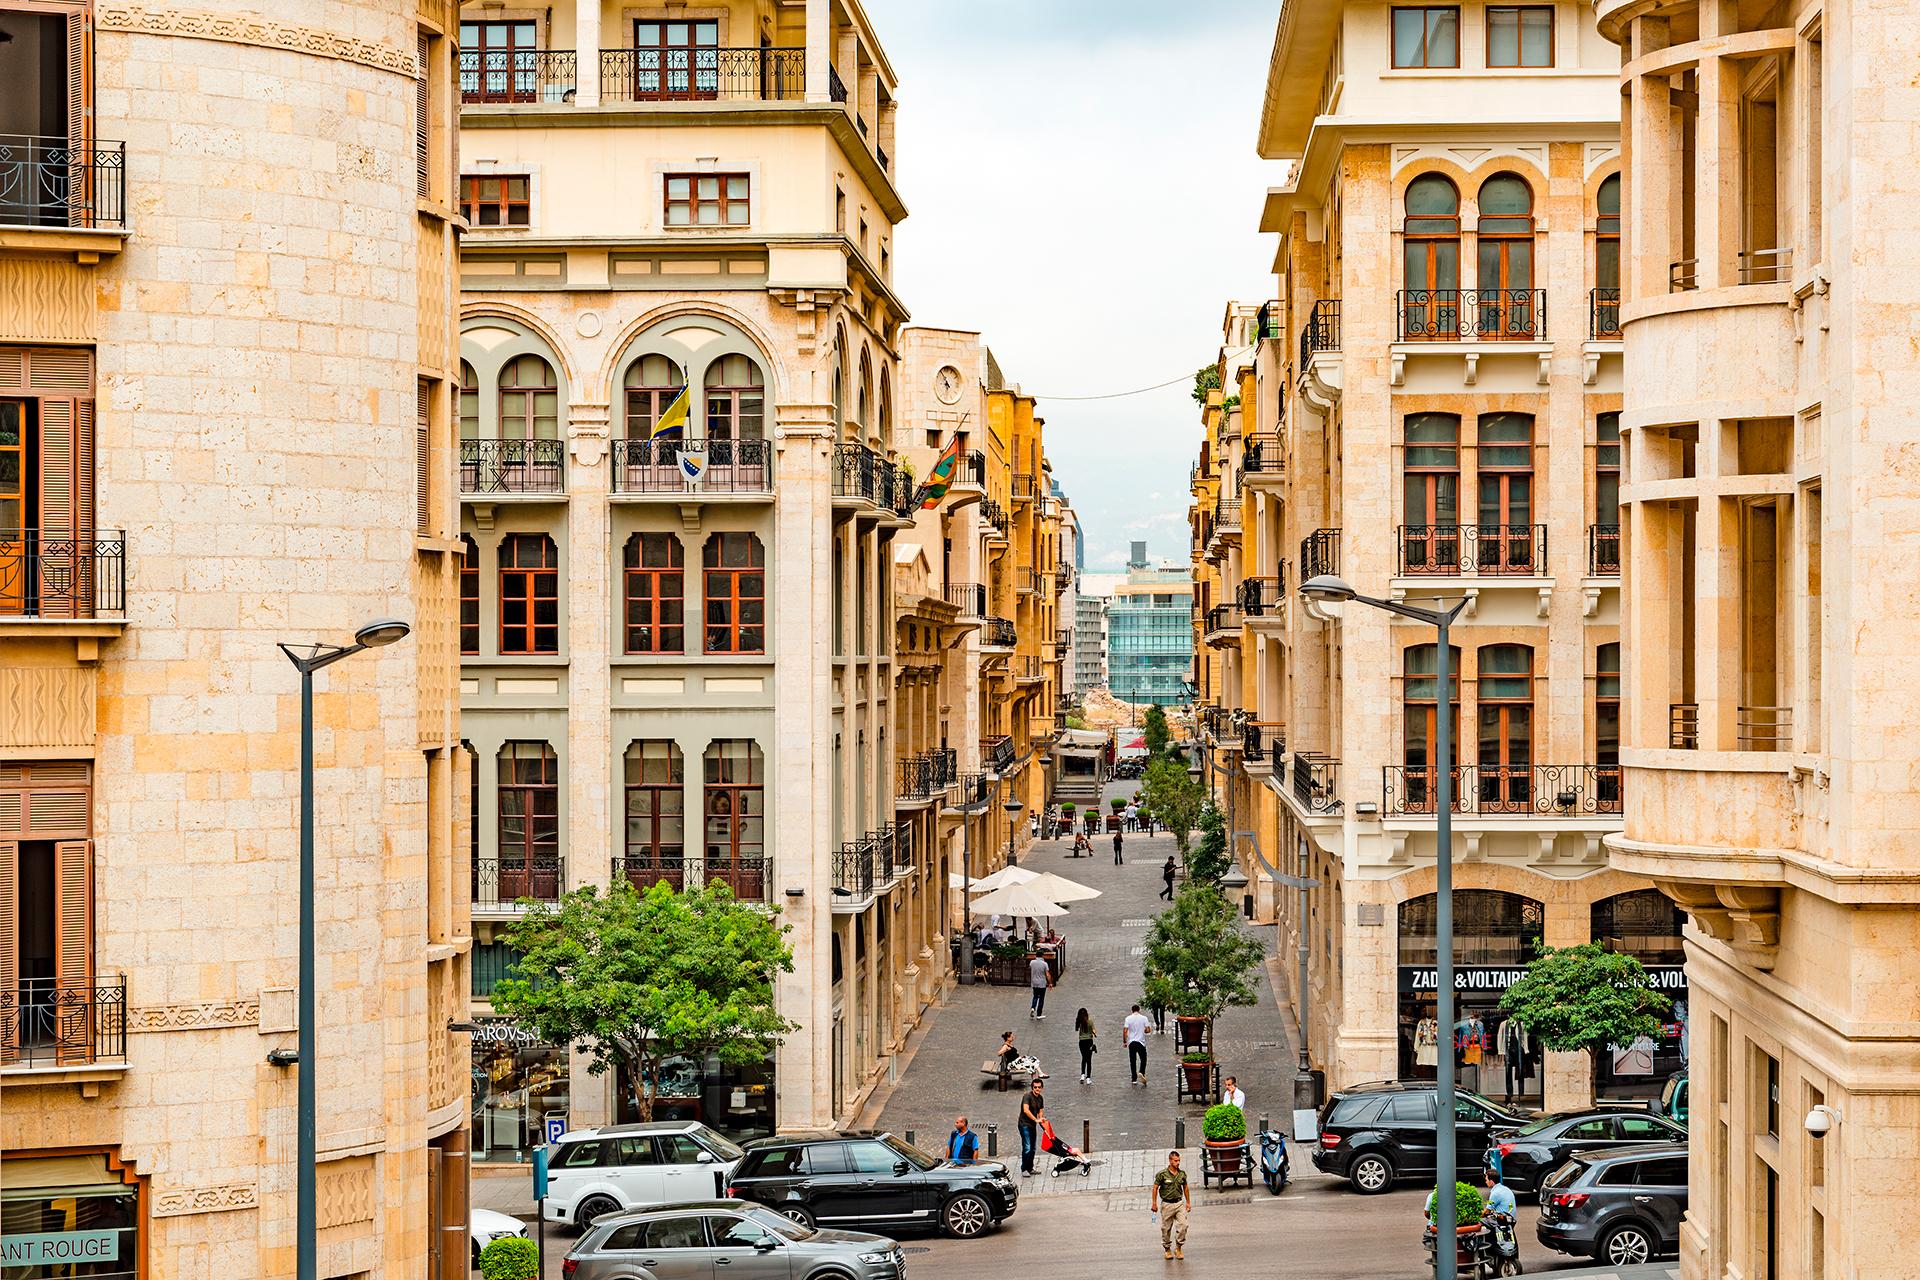 Beirut, la capital libanesa, es una ciudad que te atrapa por sus contrastes. Desde sus modernos apartamentos de lujo que comparten espacio con edificios que conservan las cicatrices de una guerra civil que dividió al país durante 15 años (1975-1990) hasta por su multiculturalidad (con 18 religiones conviviendo en paz) y sus rincones que nunca imaginarías encontrar